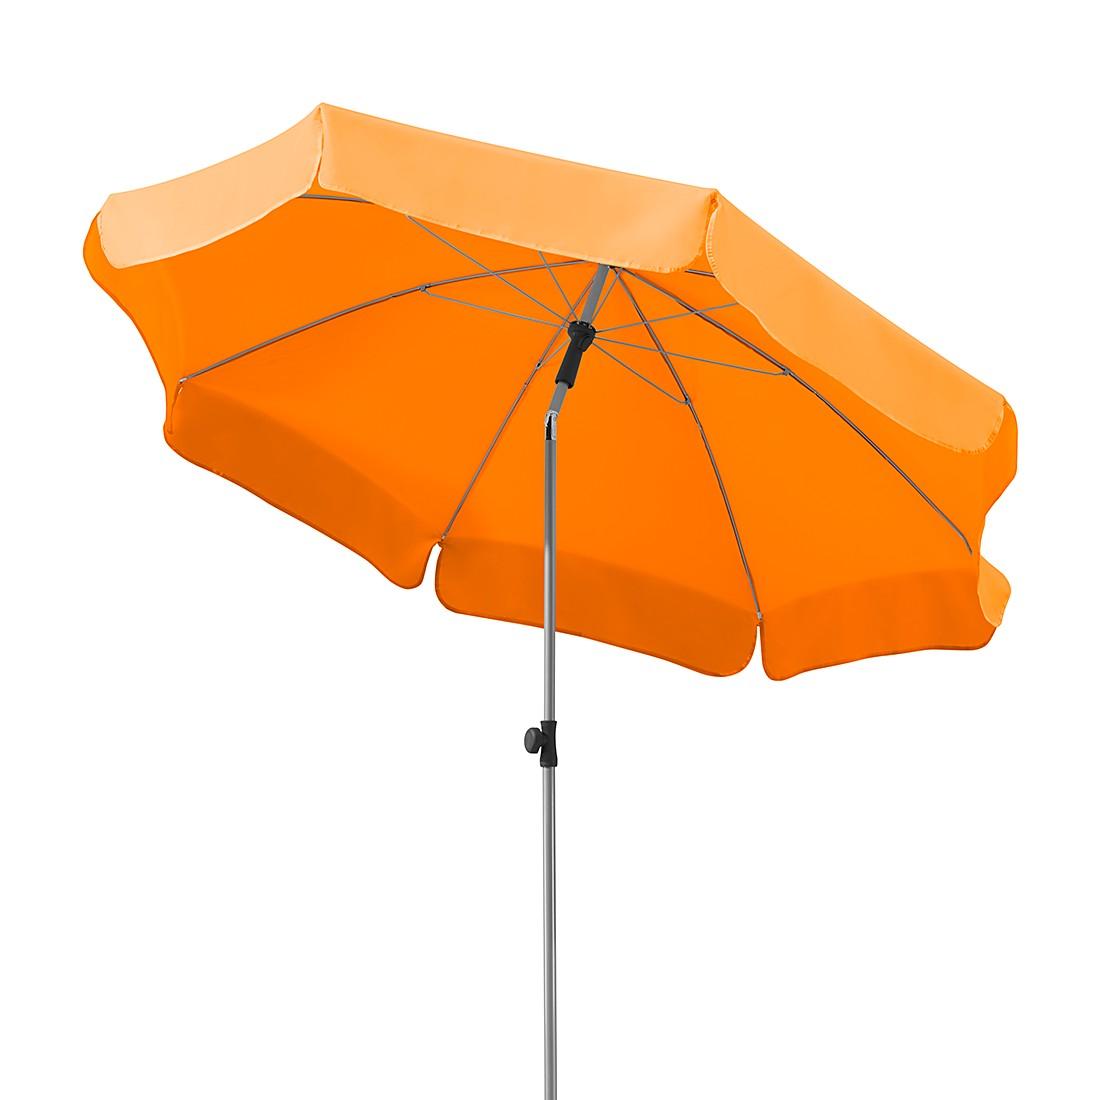 Lugano 200 Sonnenschirm - Stahl/Polyester - Silber/Mandarine, Schneider Schirme